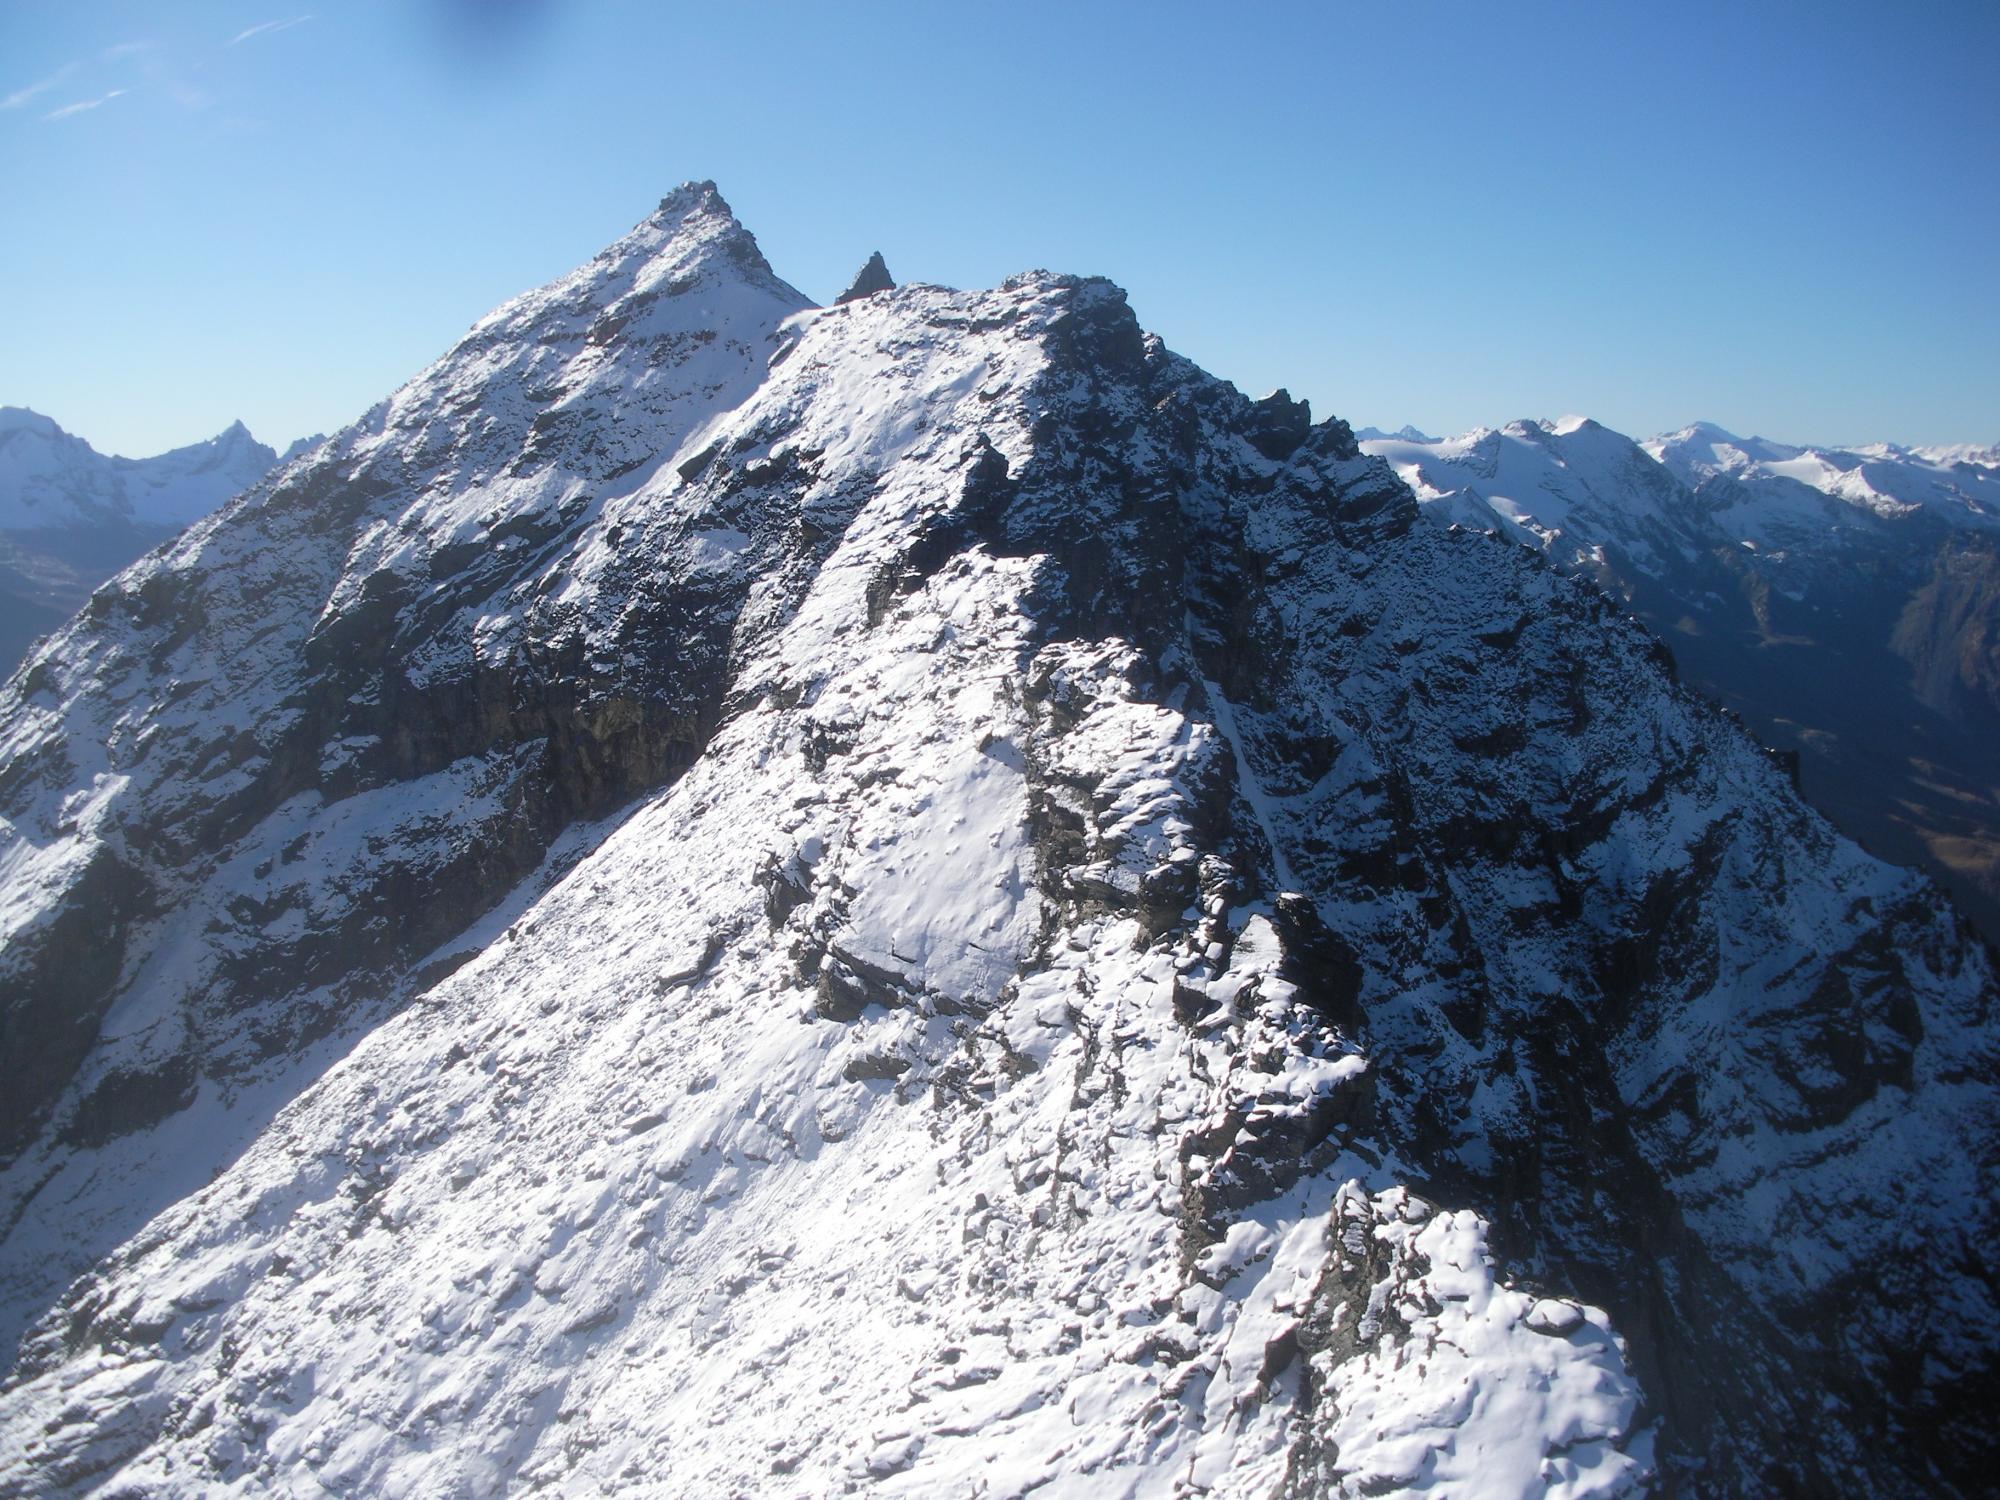 la seconda meta' della cresta in completa veste invernale..